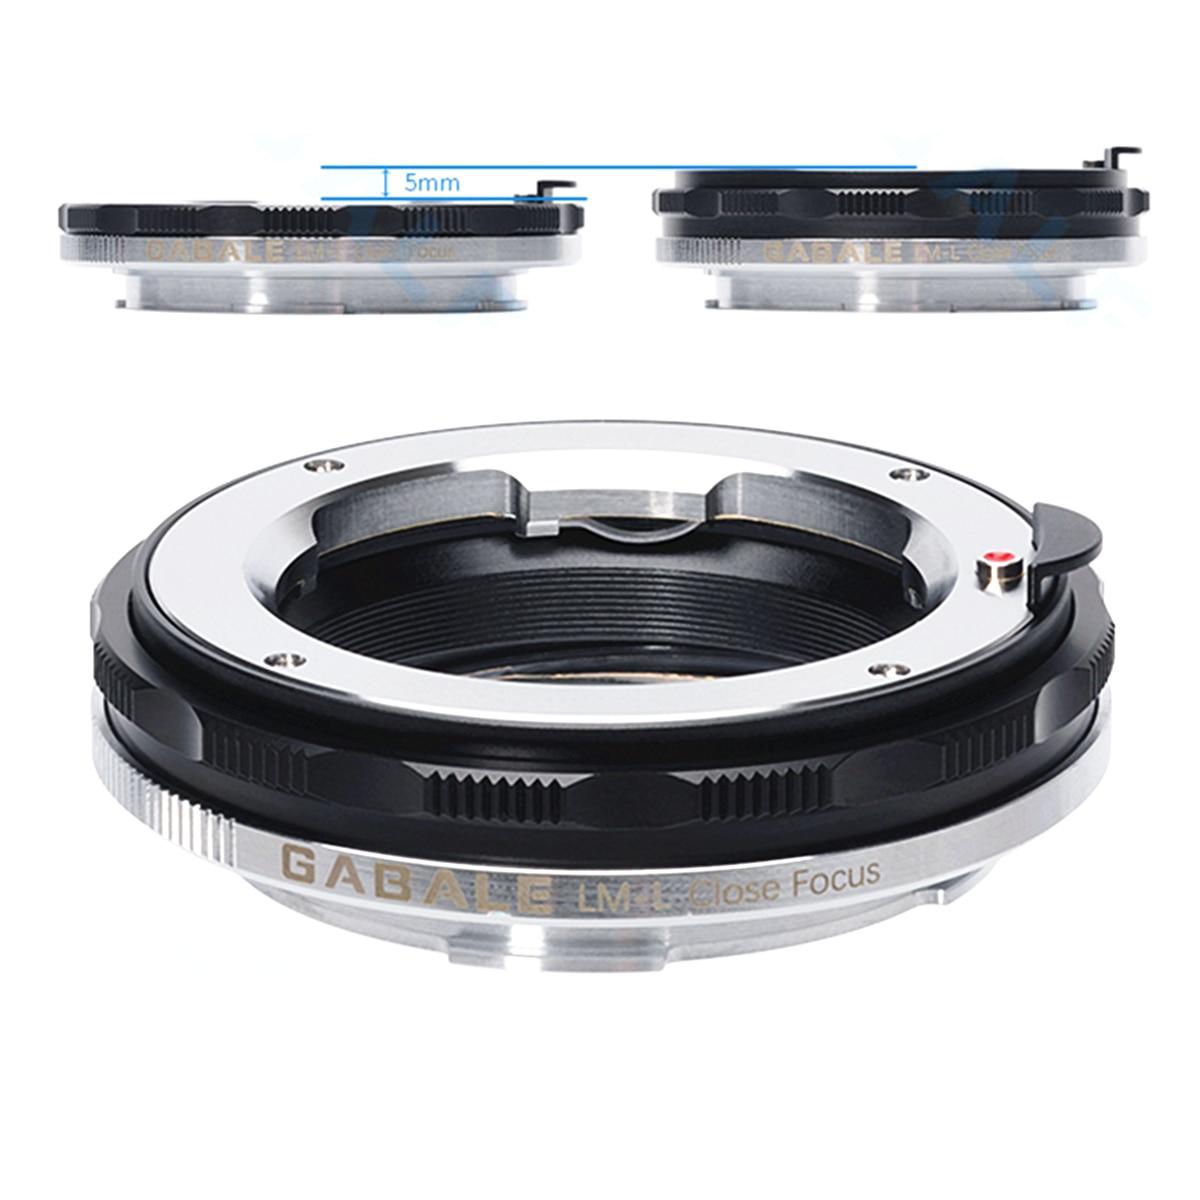 Adaptateur de monture d'objectif extensible bague Macro pour objectifs Leica M LM et CL T TL TL2 SL Panasnonic L S1 S1R Sigma FP corps de caméra